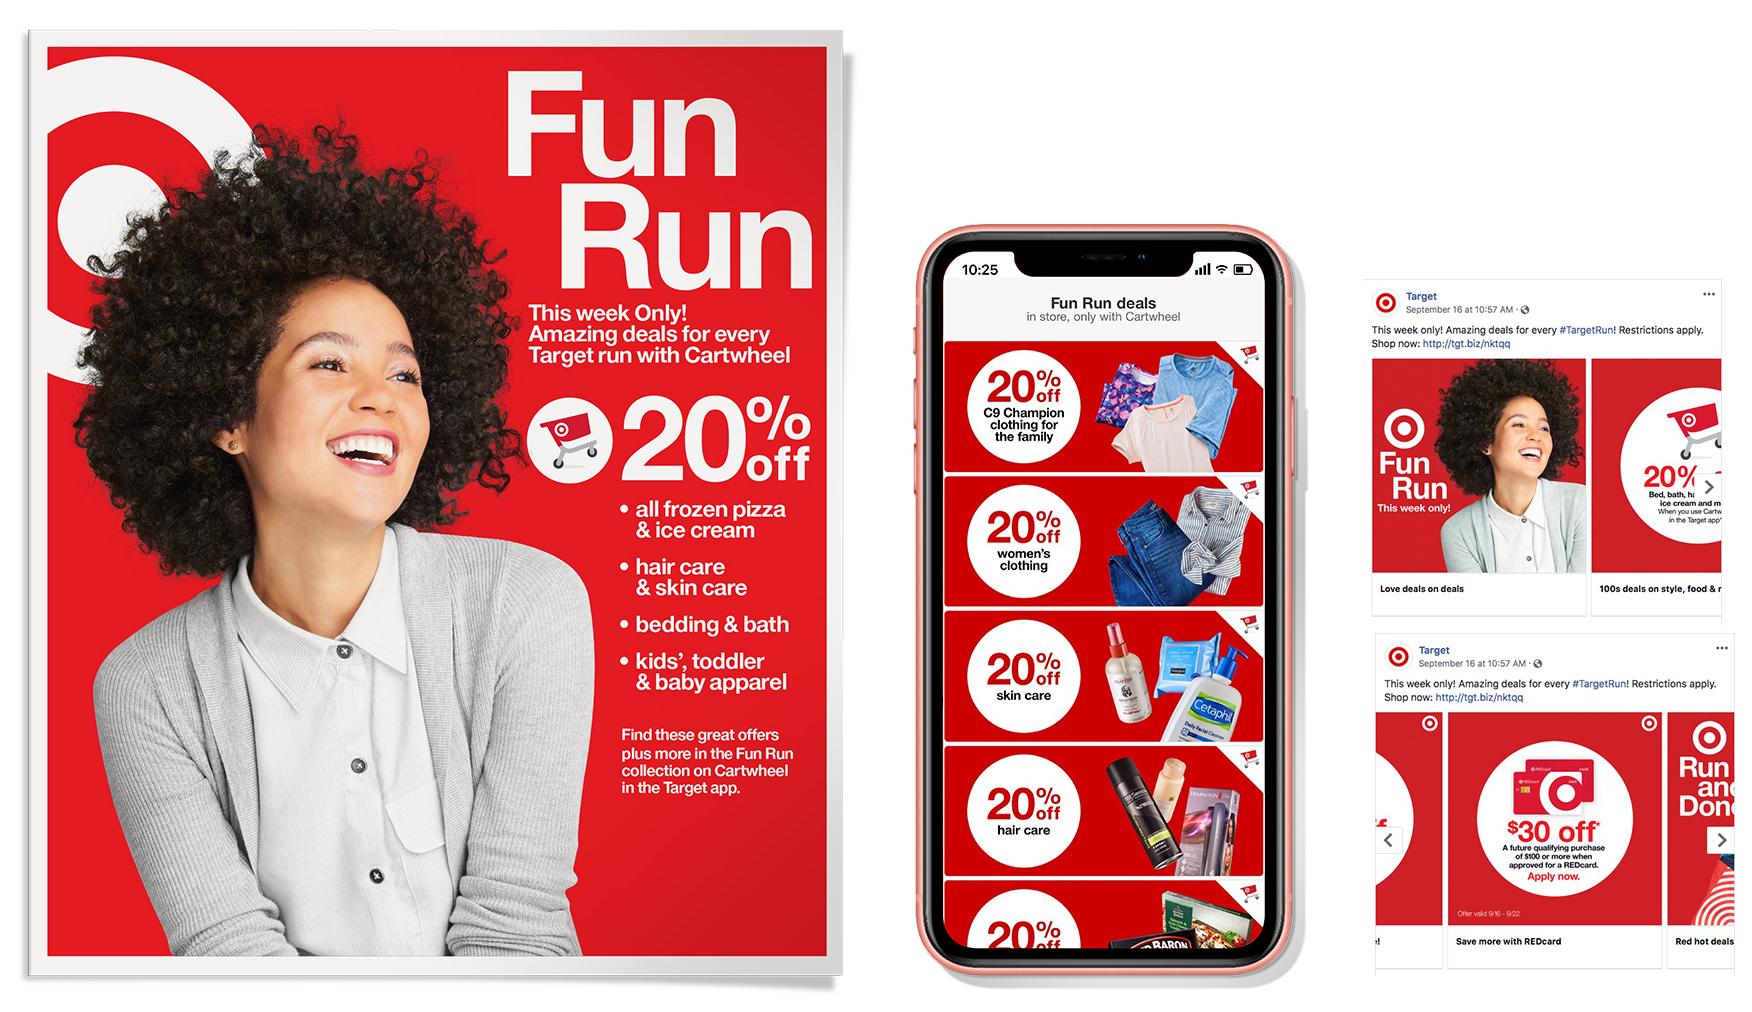 20190401_NewWork_TargetFun_Run02.jpg